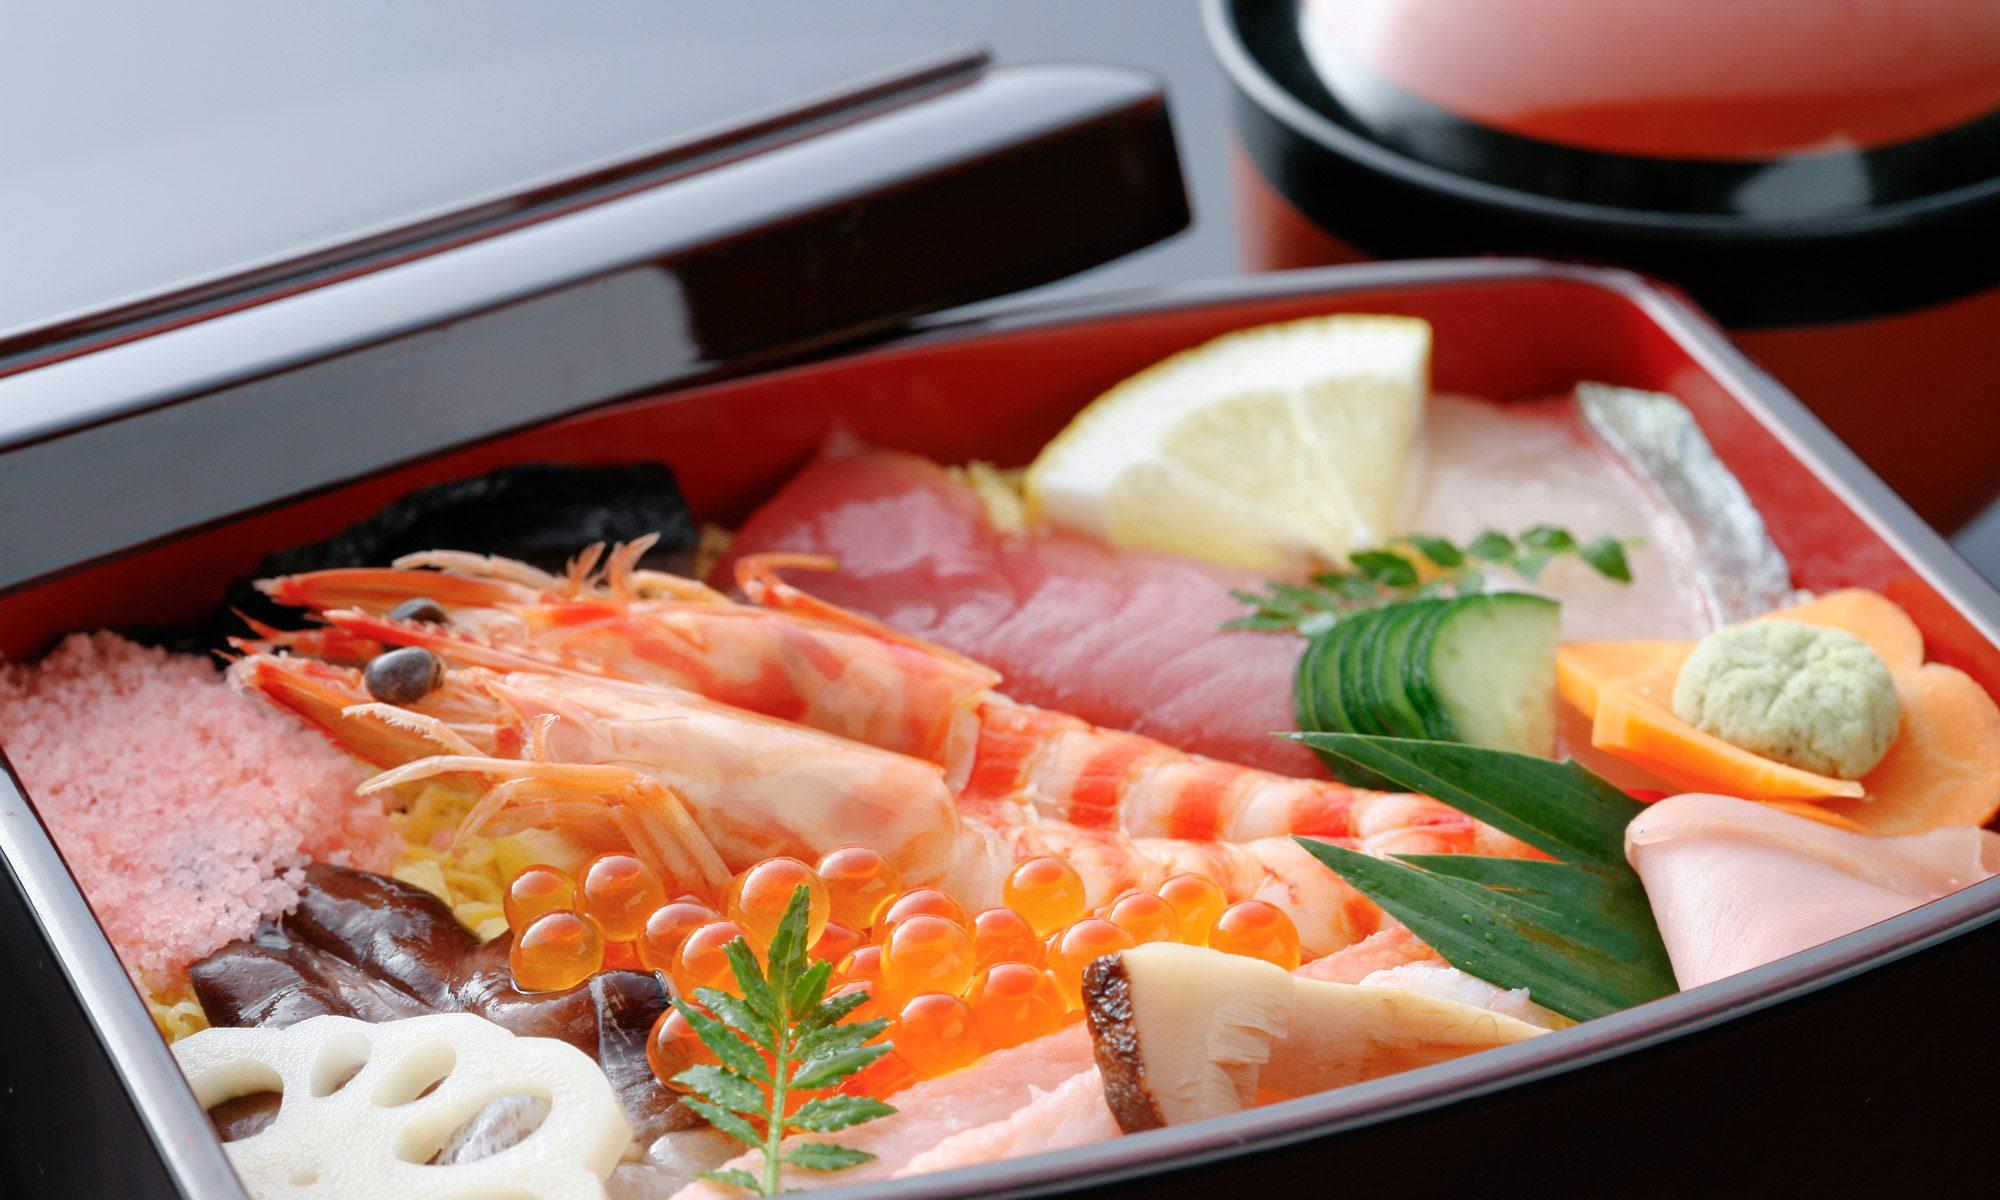 北野天満宮で和食・宴会 京都西陣 糸源 ぎんなん